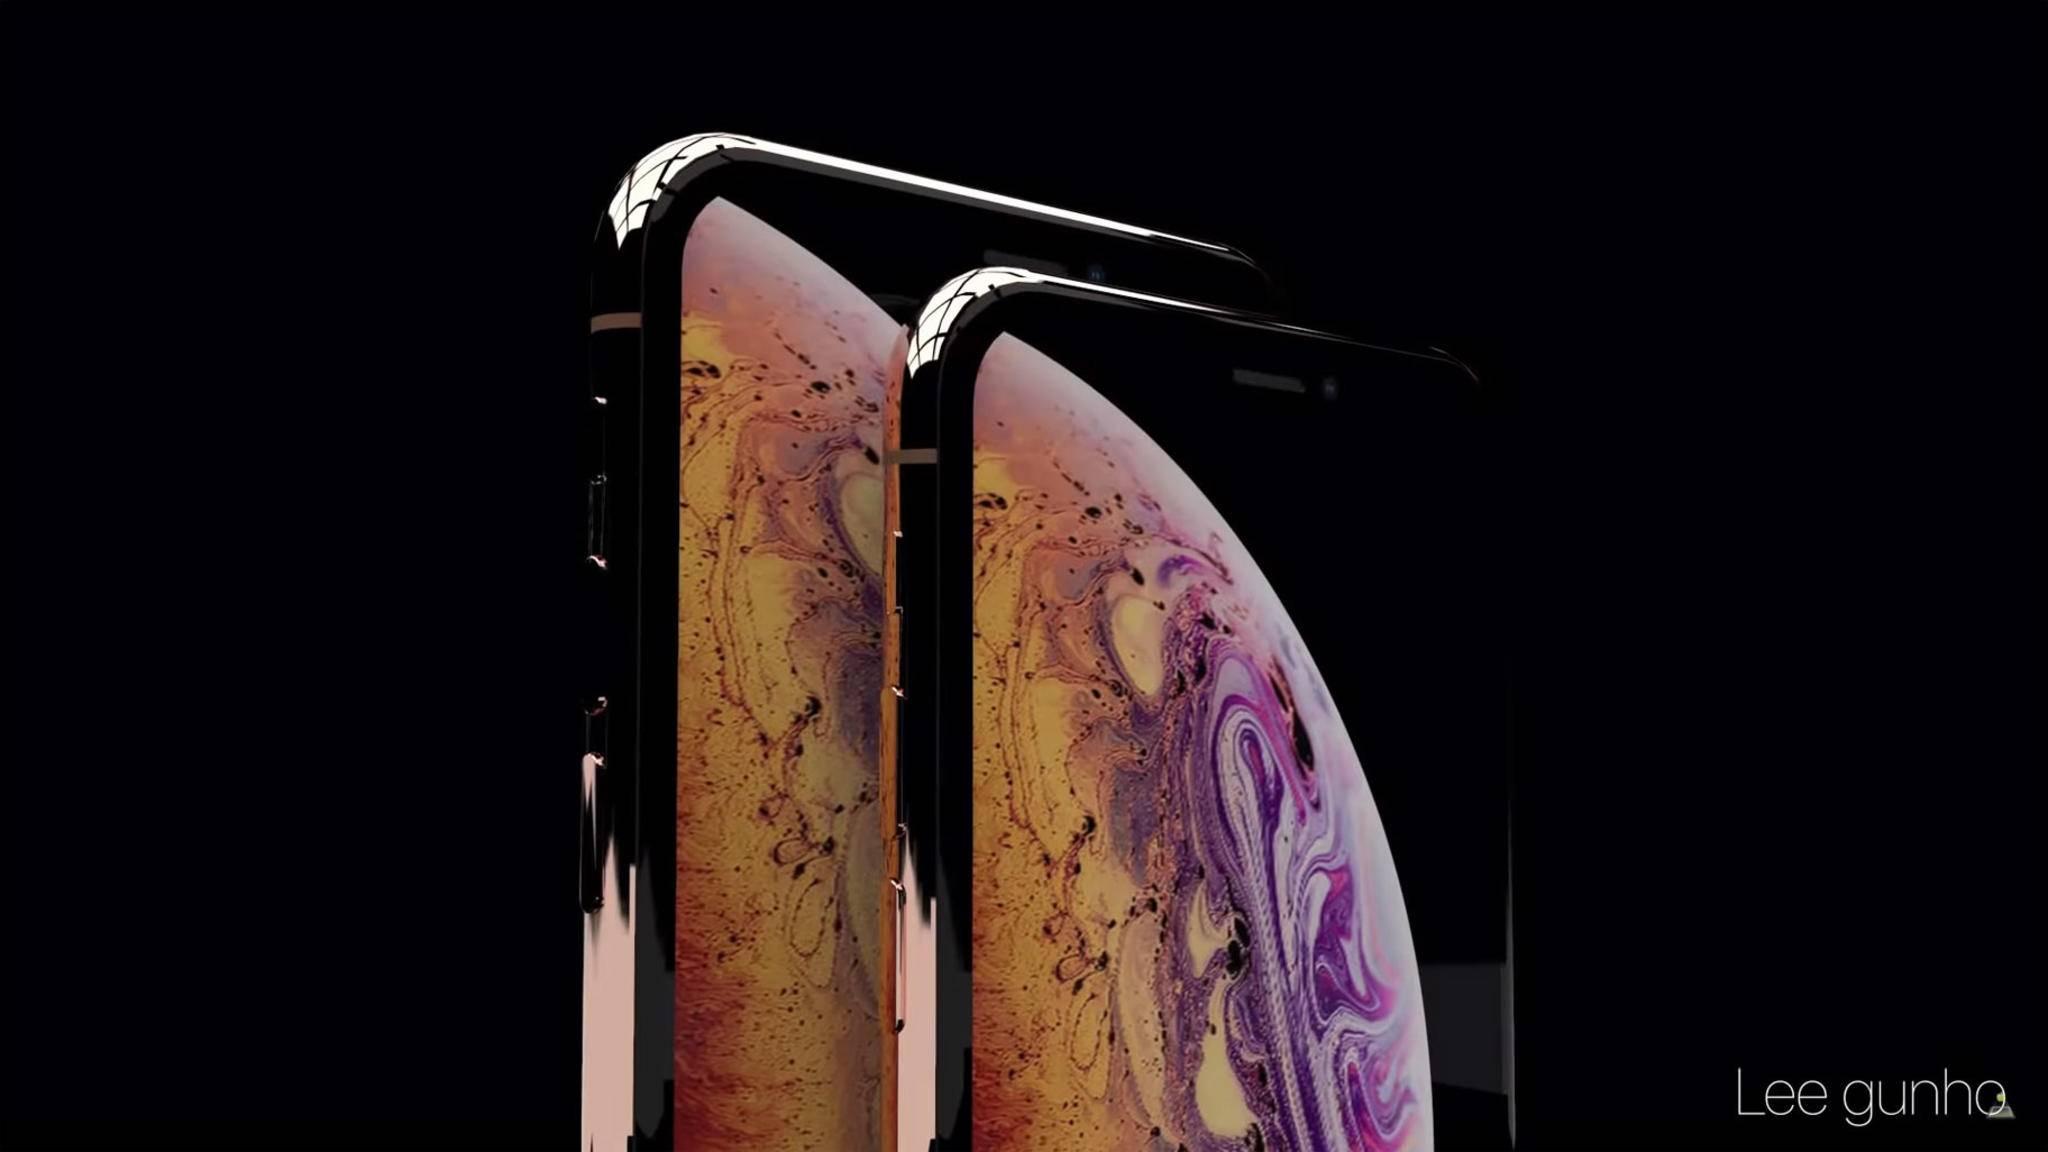 Das iPhone Xs Max soll ein riesiges Display mit 6,5 Zoll Diagonale besitzen.